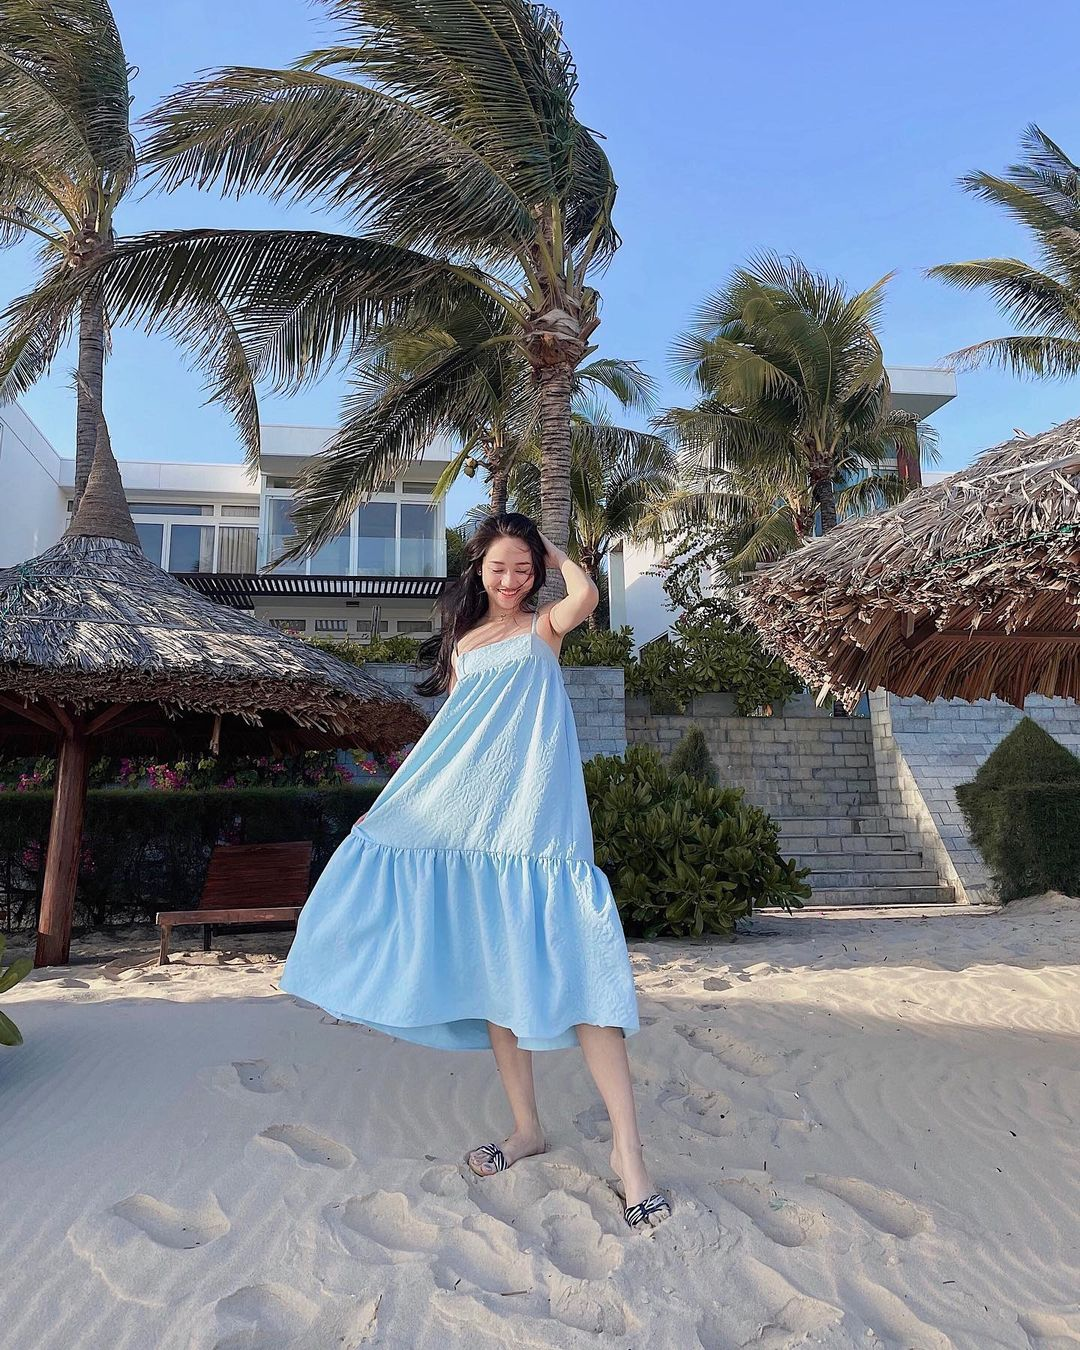 Váy áo local brand sao Việt vừa diện: Váy tiểu thư của Nhã Phương và váy chanh sả của Xoài Non đều chỉ hơn 2 triệu - Ảnh 1.